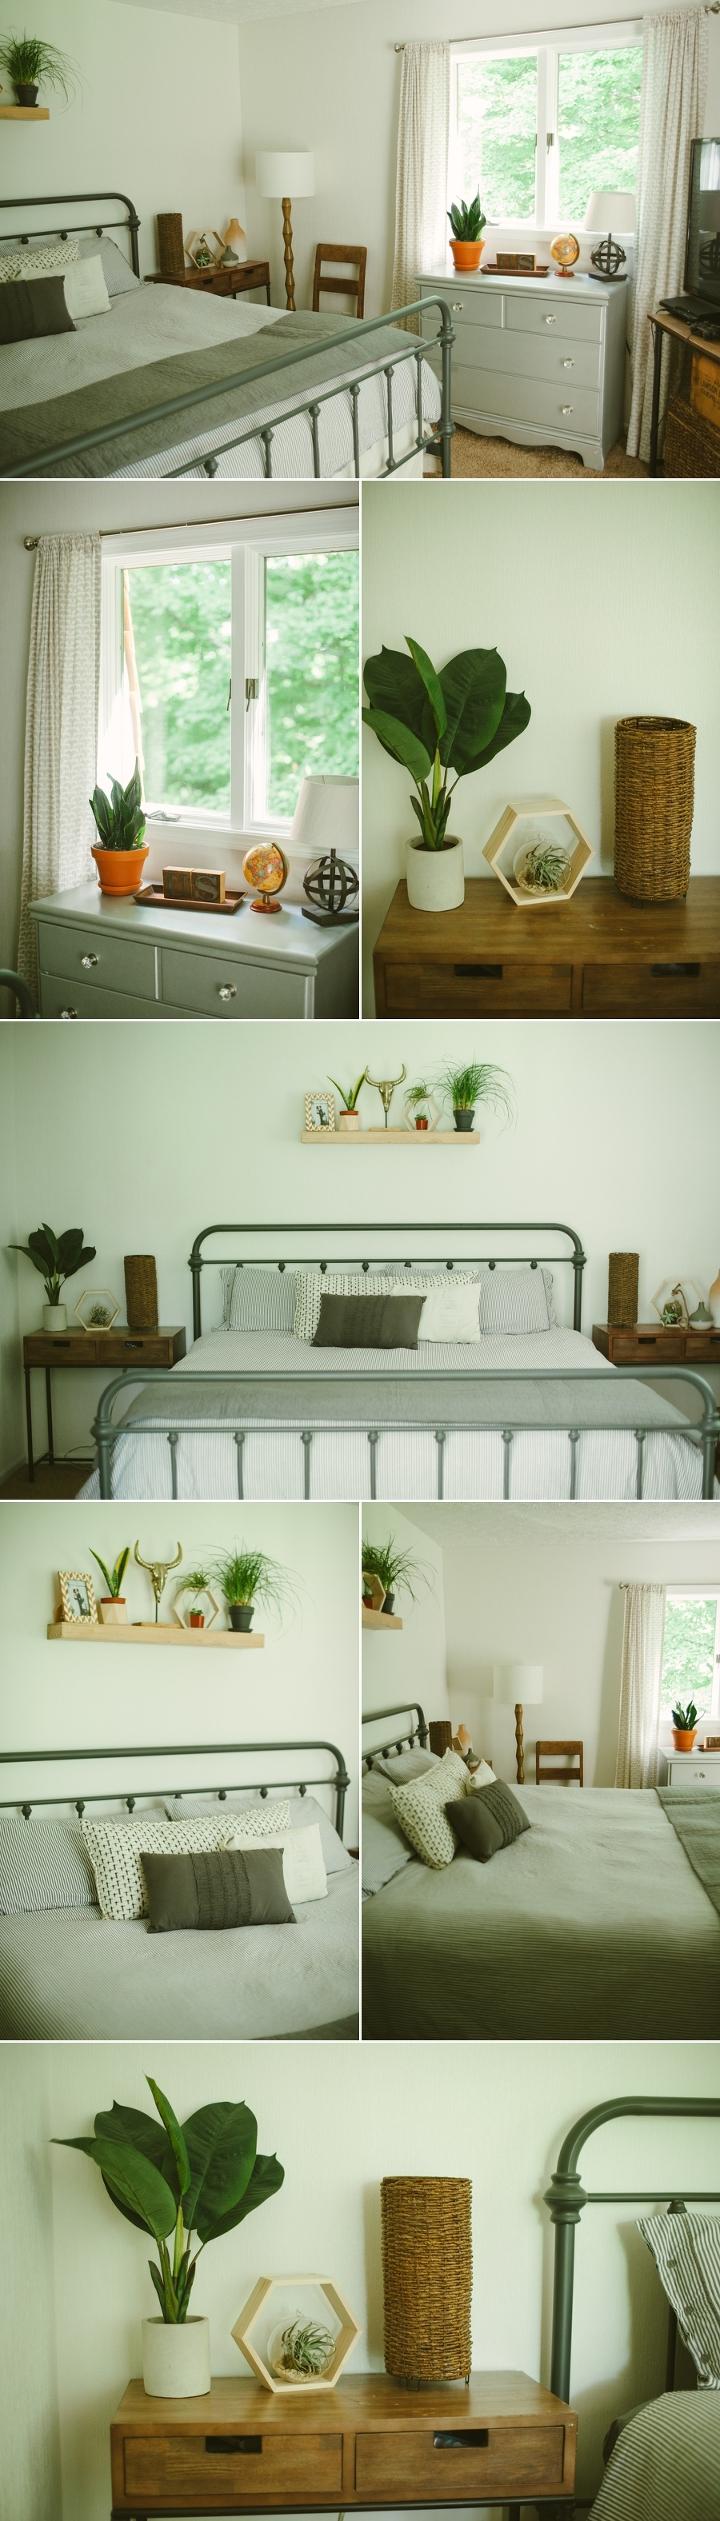 BedroomBlog 3